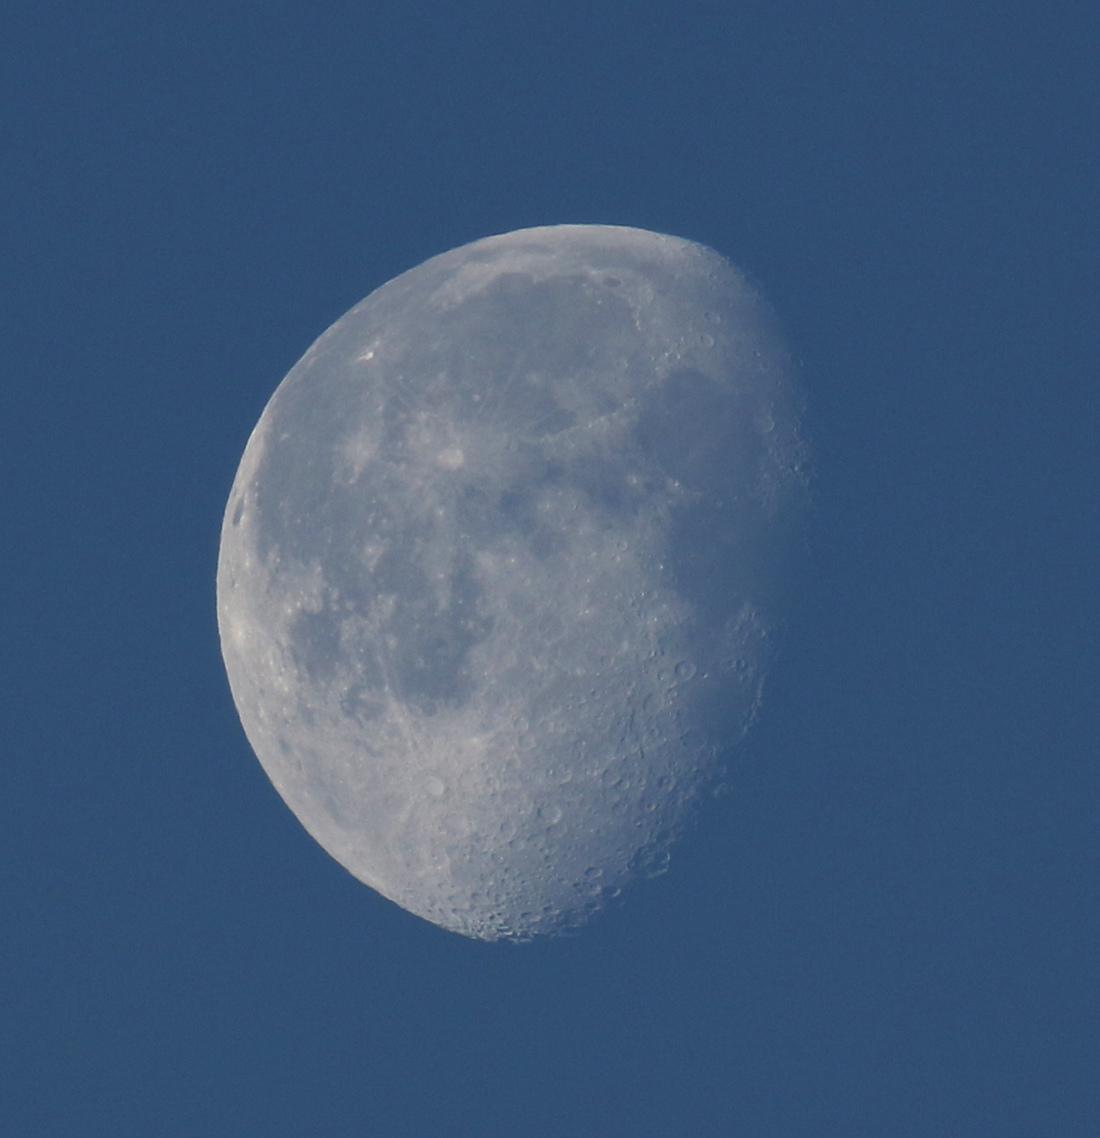 la lune le 25/03/2019 61734)